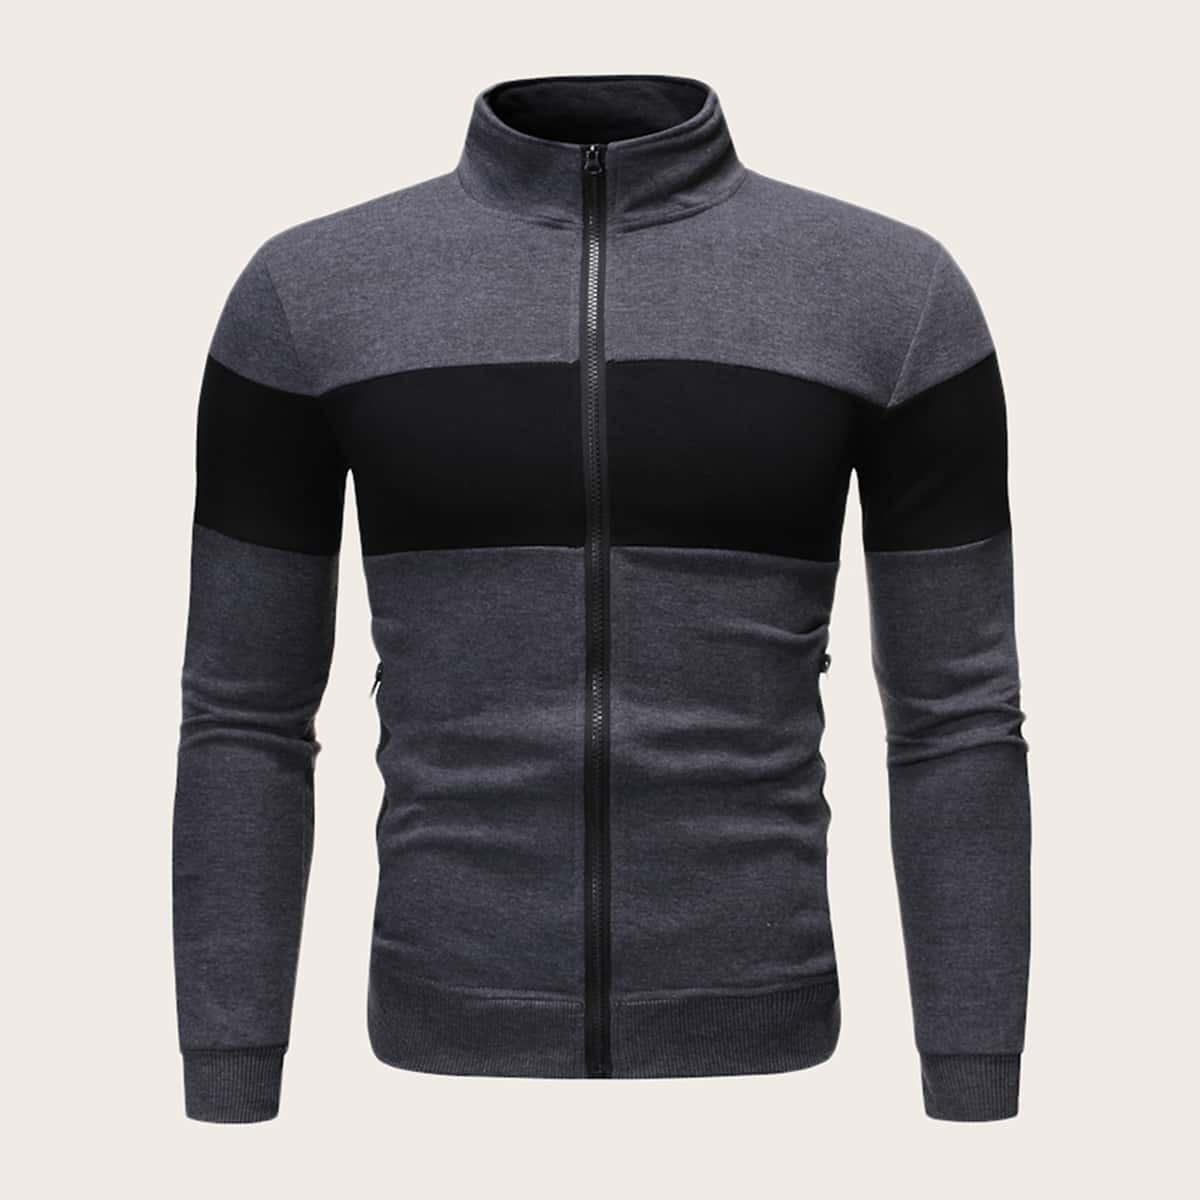 Grijs Casual Rits Sweatshirts voor heren